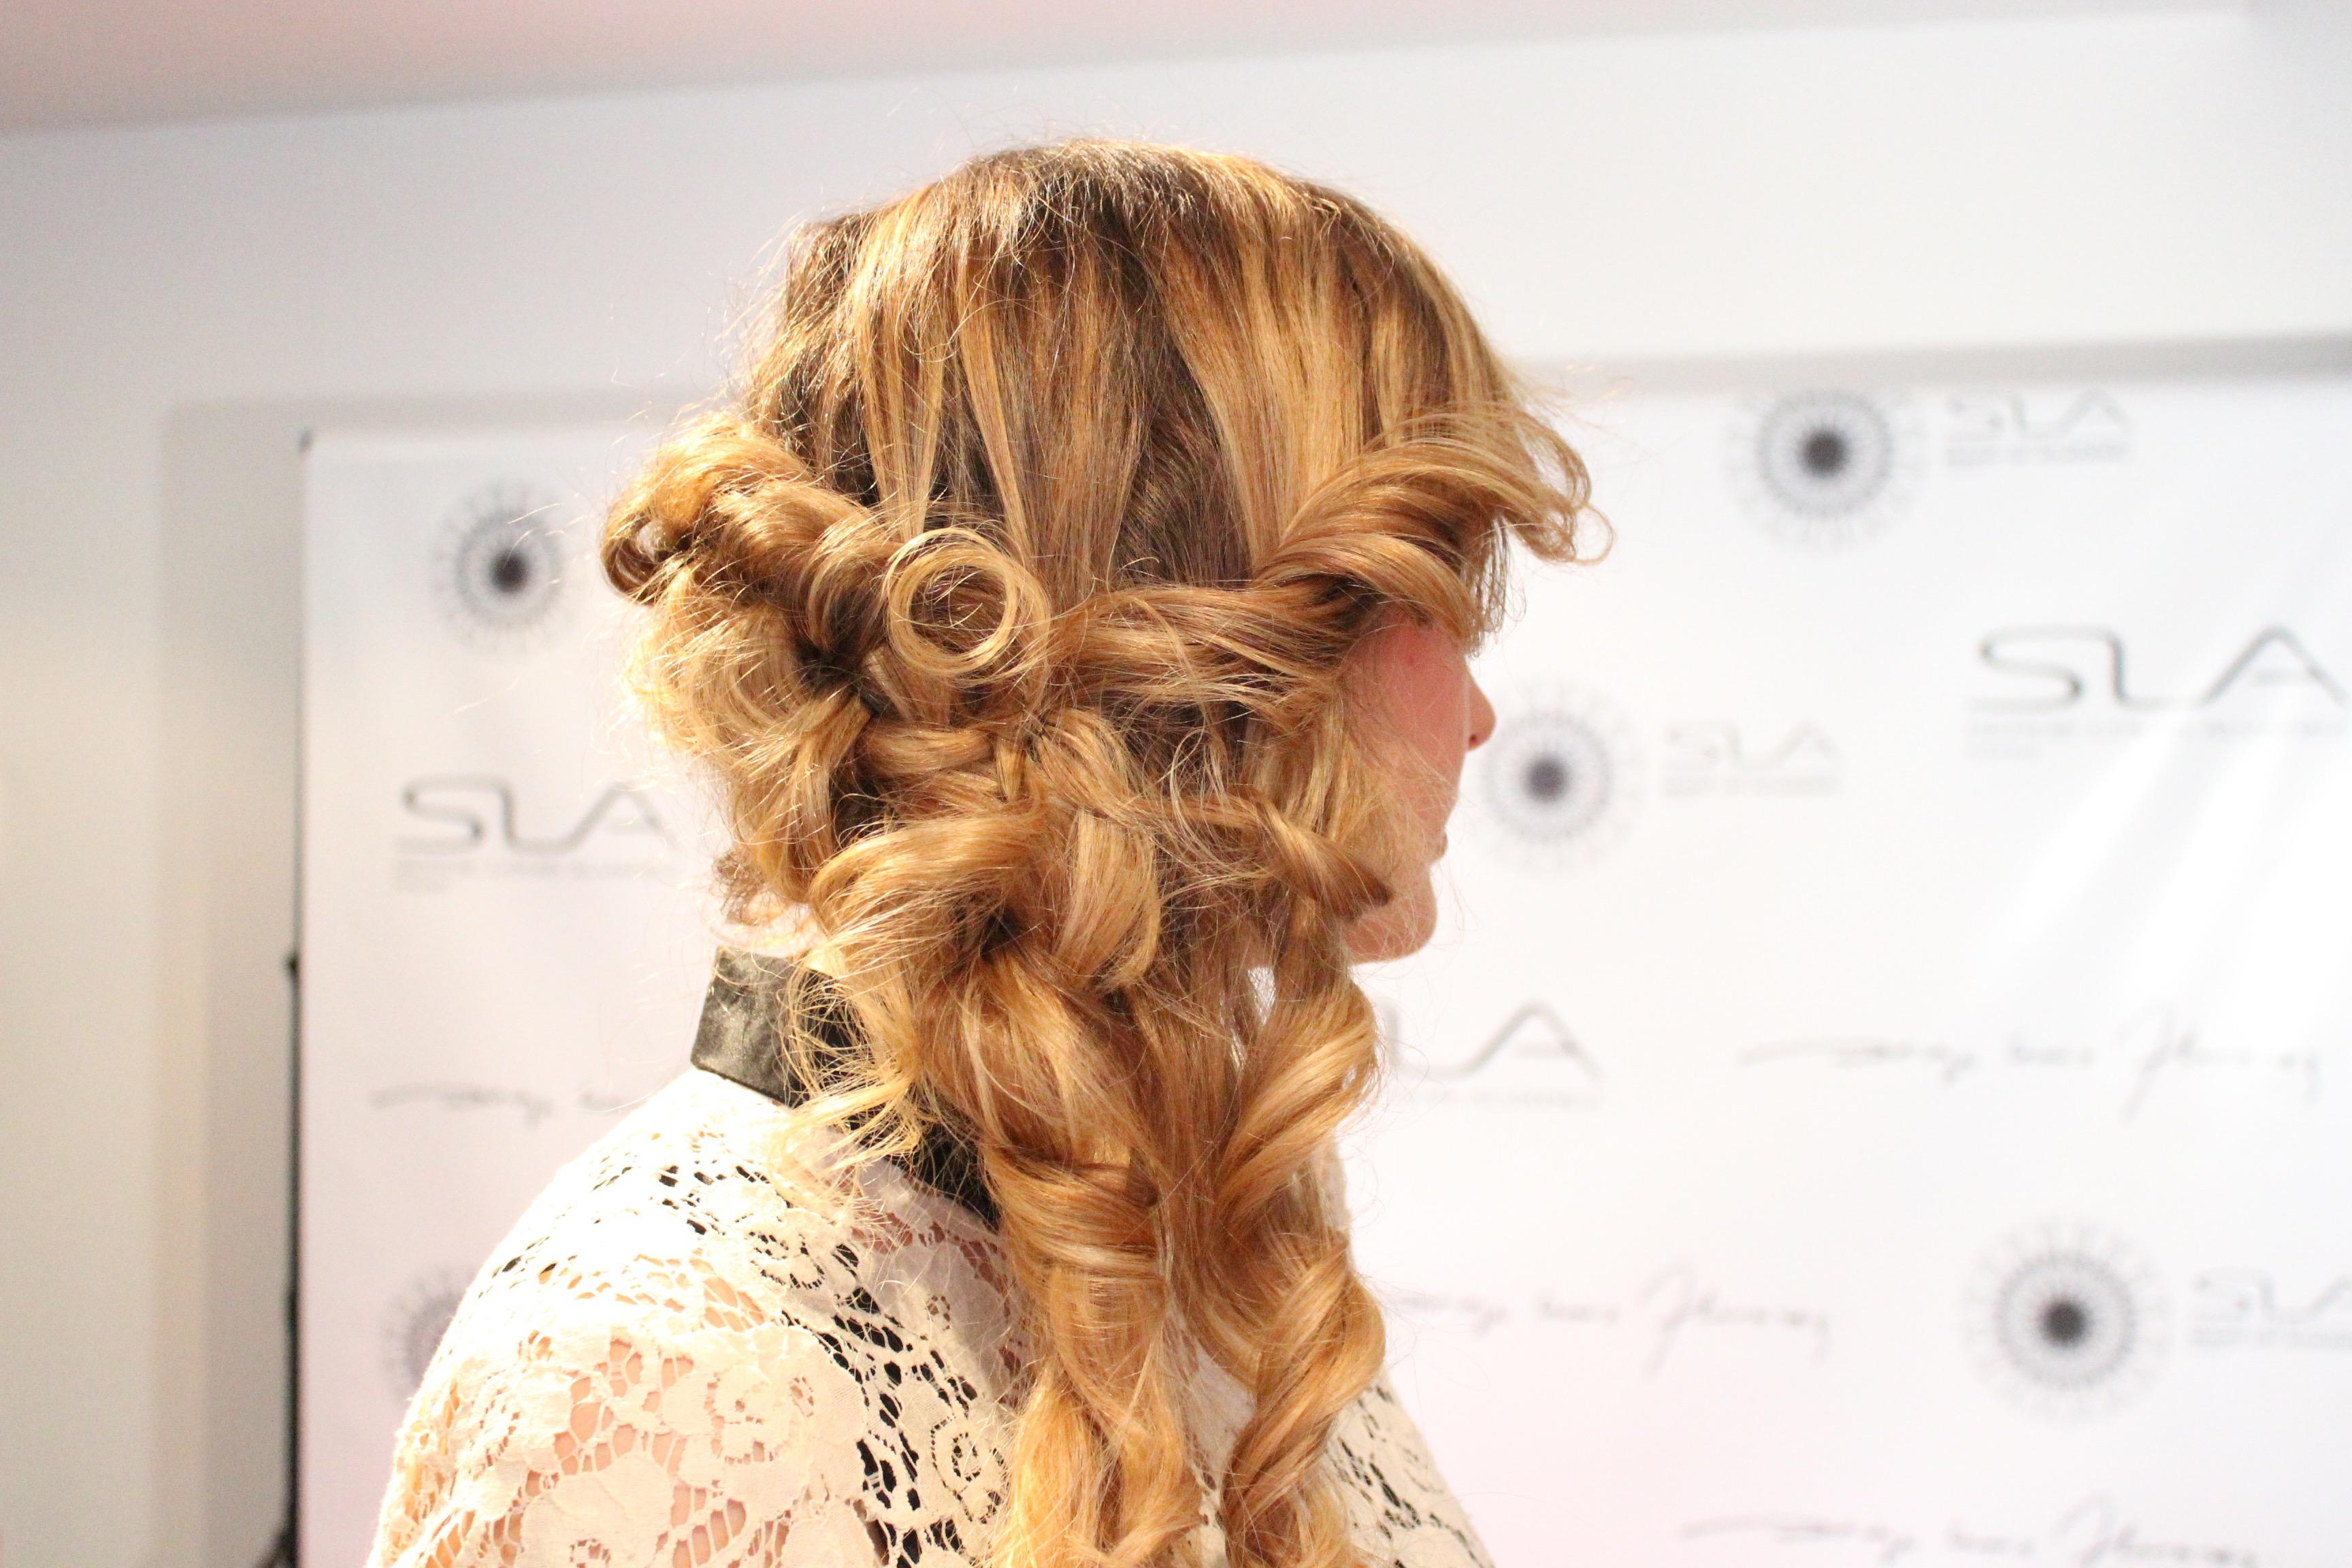 SLA soirée coiffure Angela HairStyle